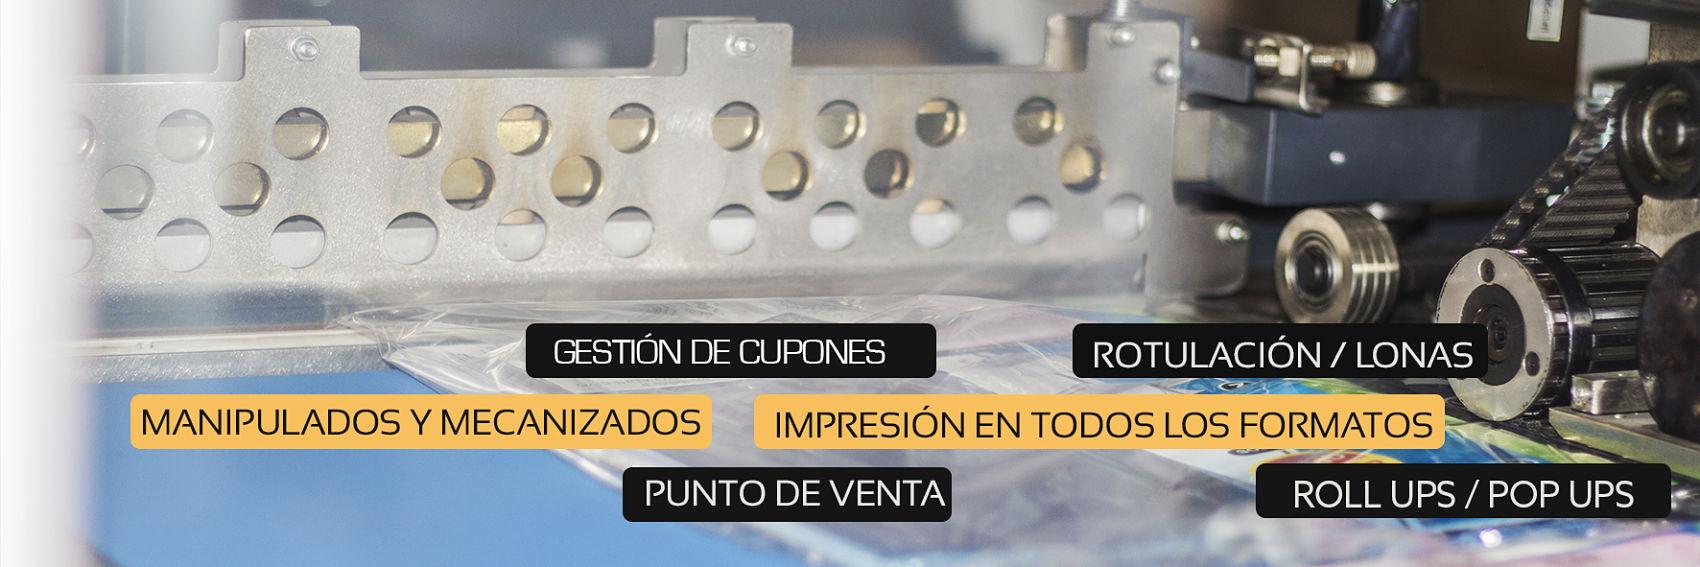 impresión en empresa buzoneo Barcelona